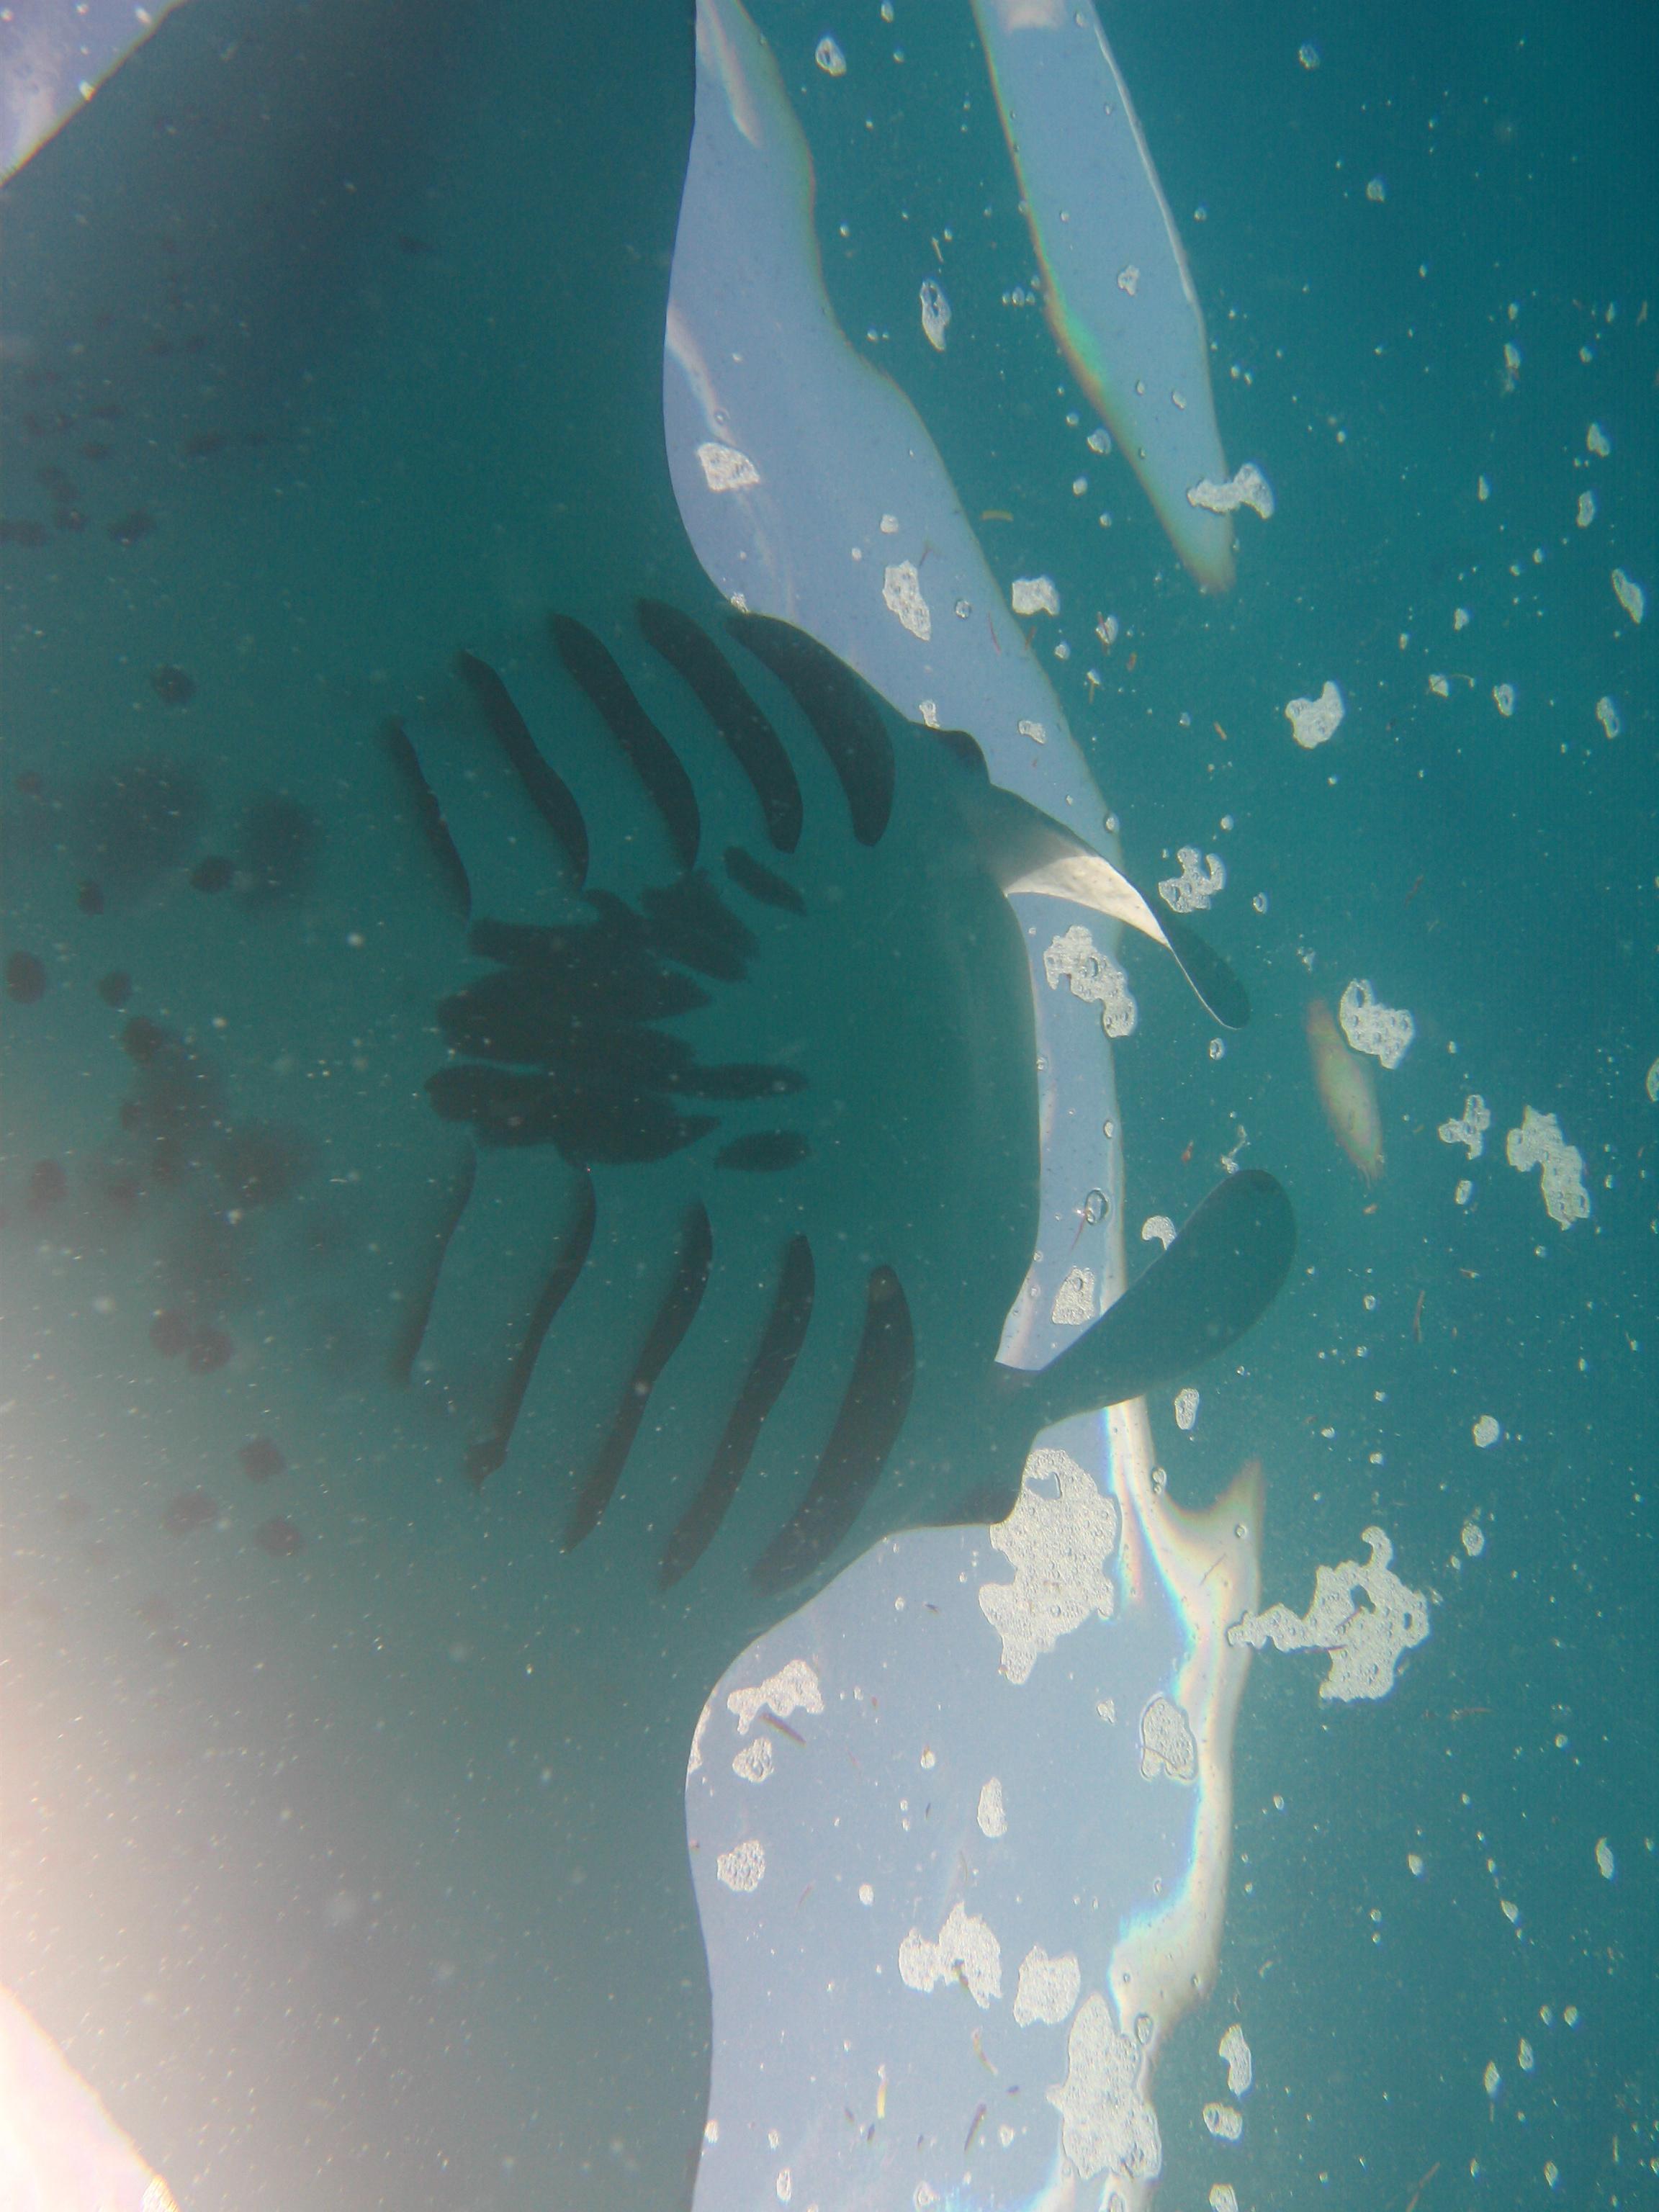 Manta Ray Markings Manta Rays   Underwater